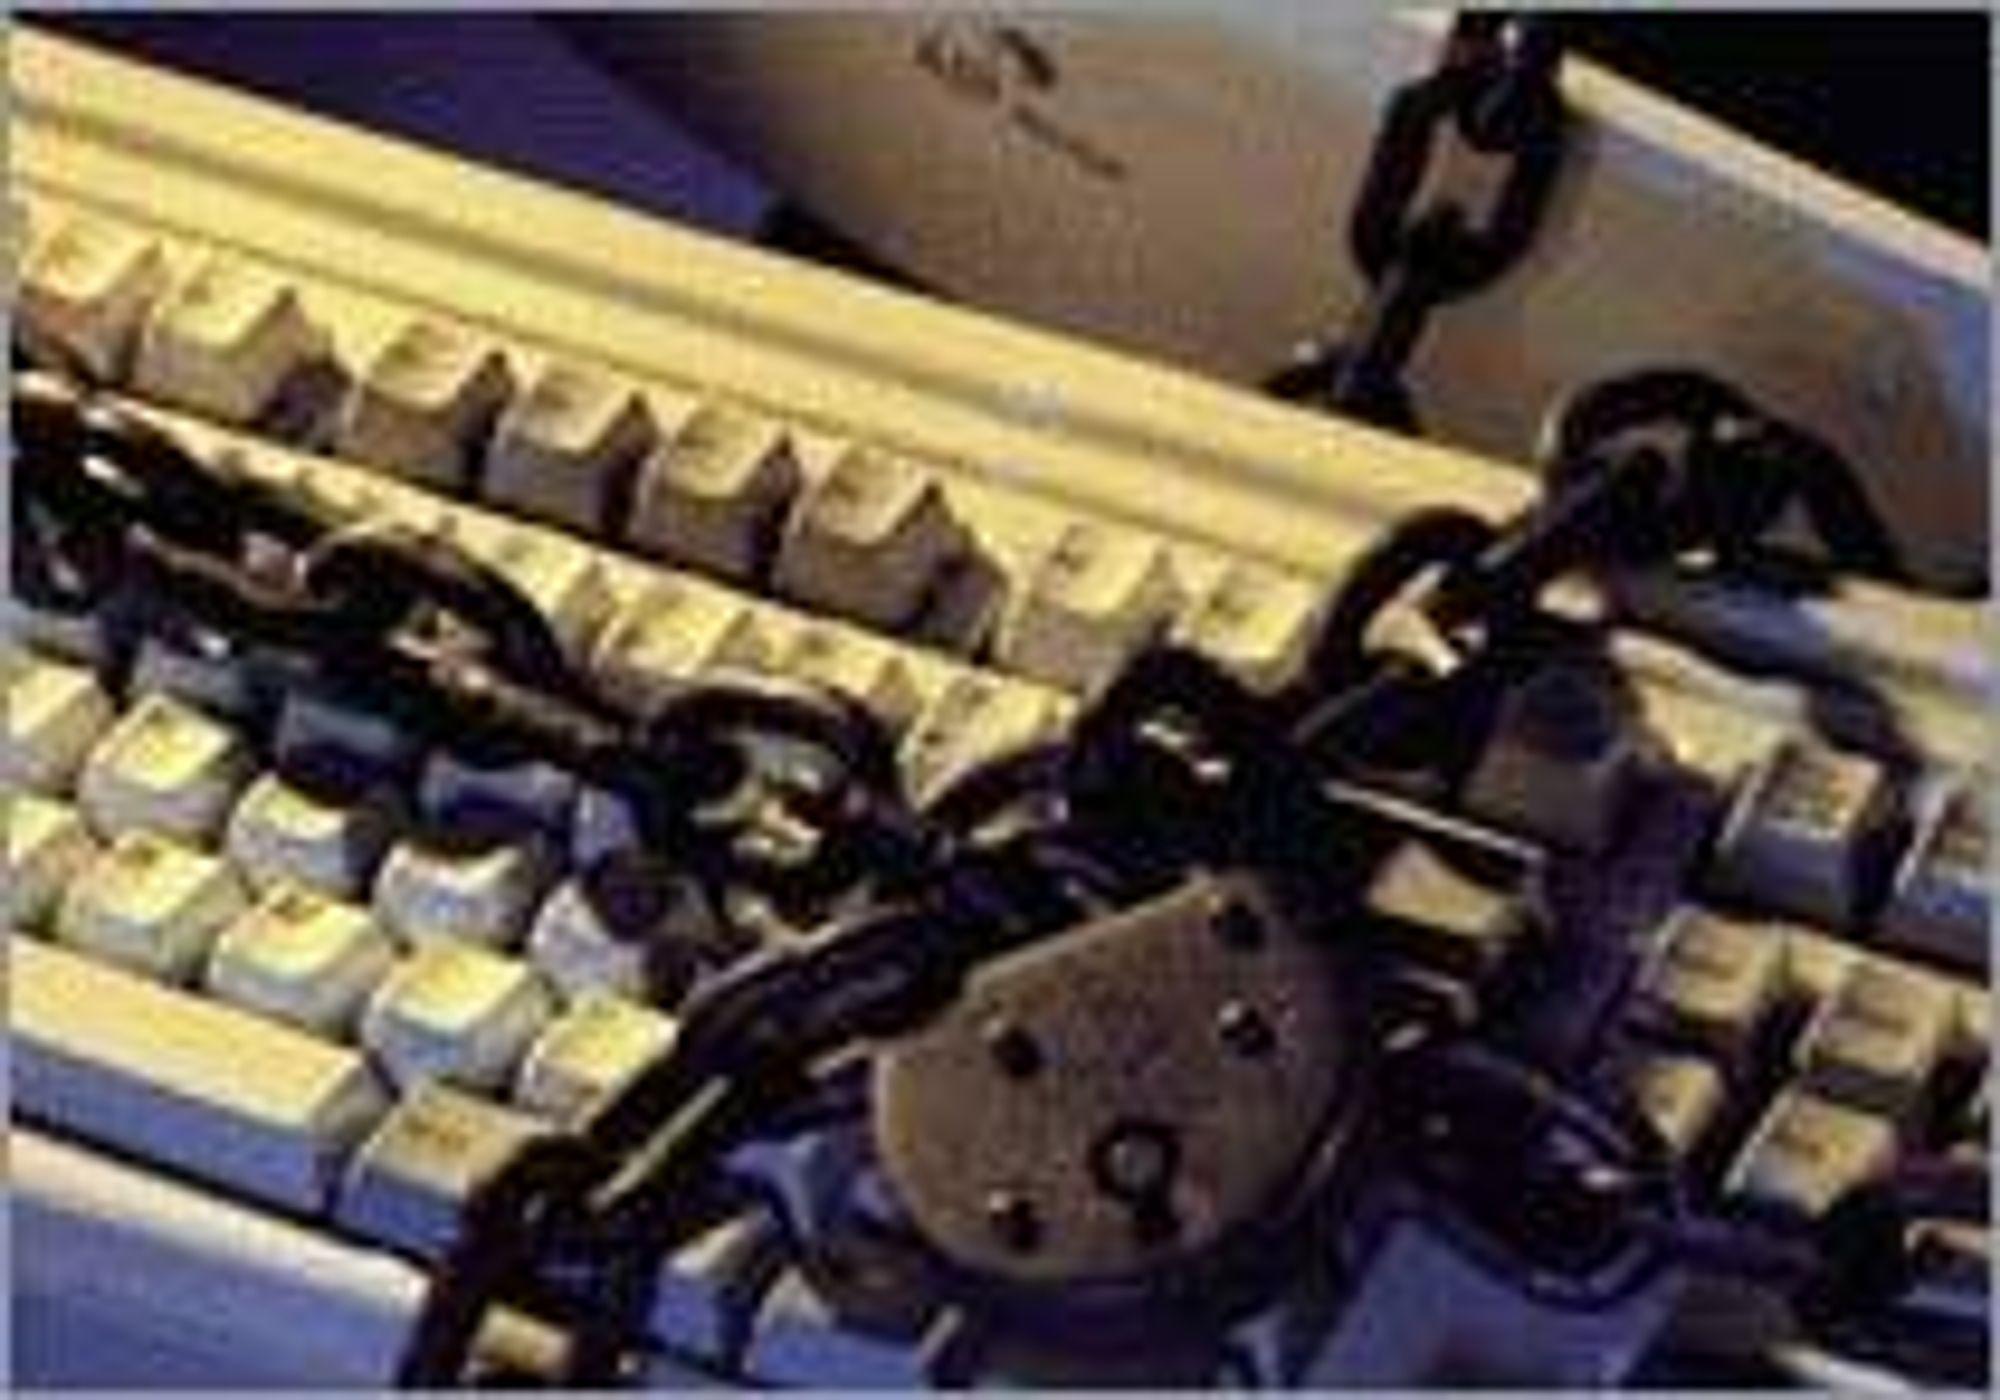 IT data datakrim datasikkerhet IT-krim it-sikkerhet hacker datasnoking spam virus